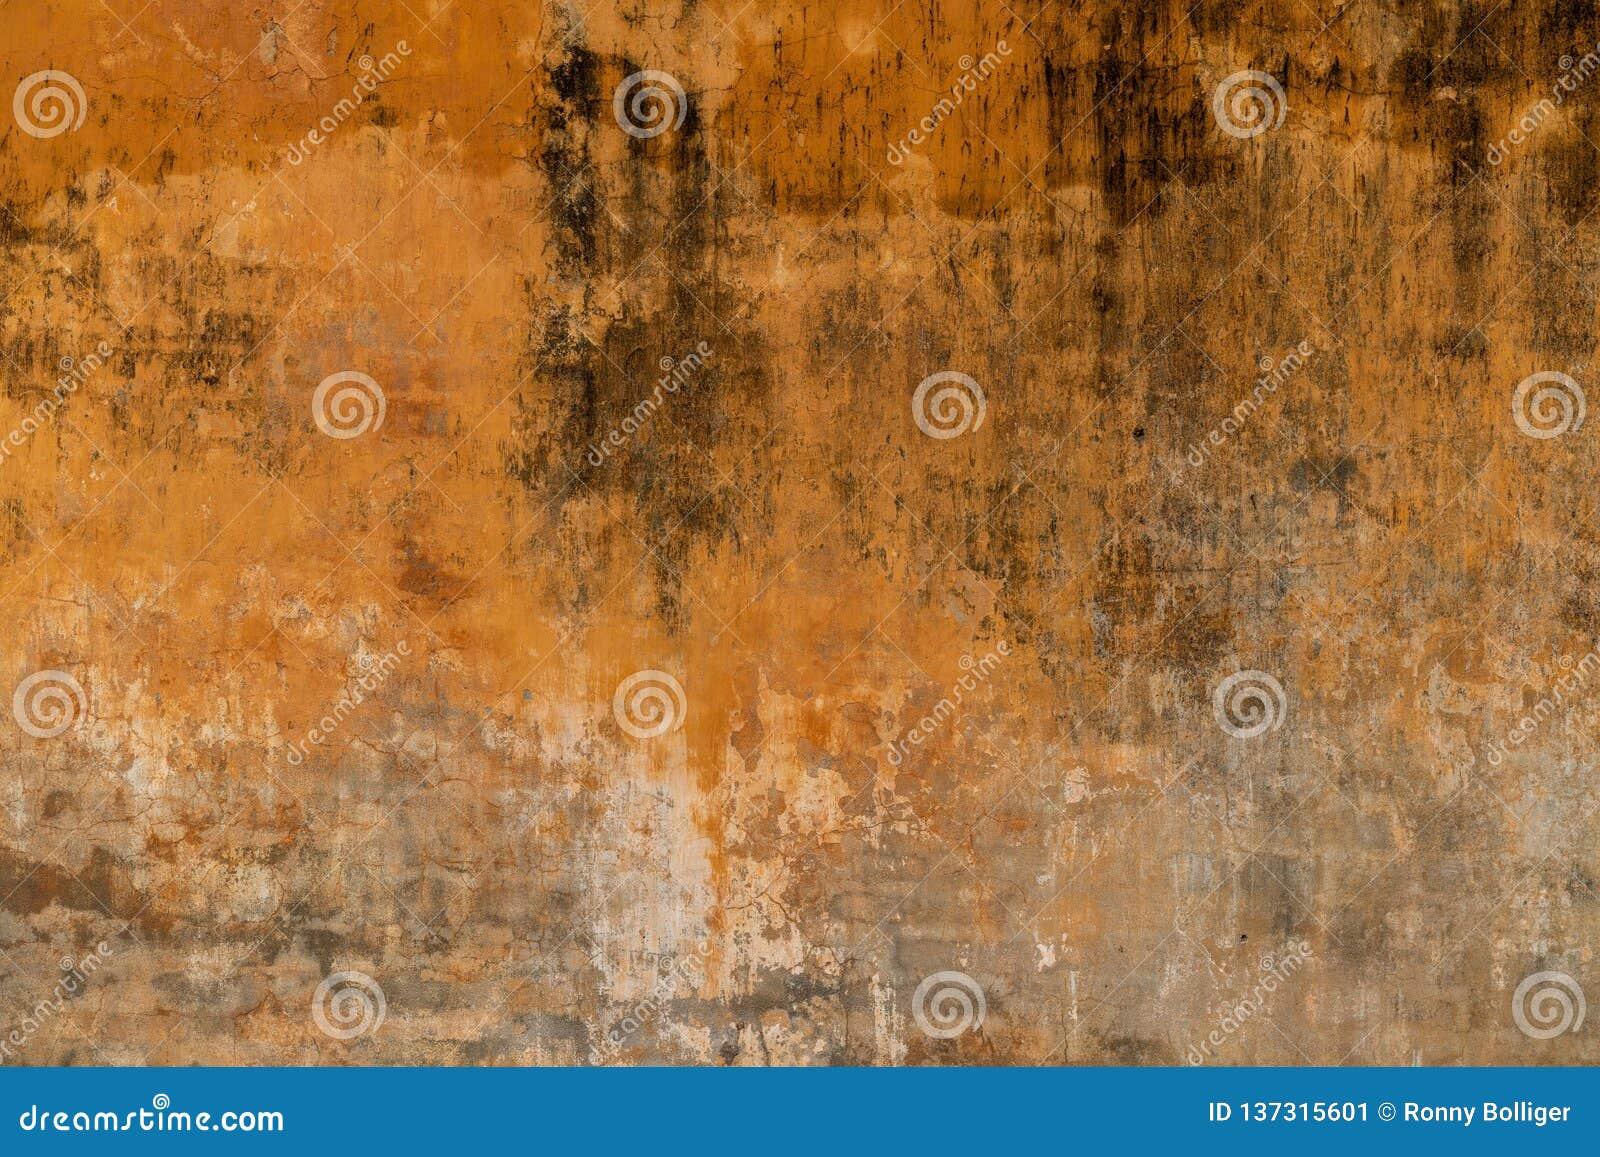 Stedelijke achtergrond grunge muurtextuur